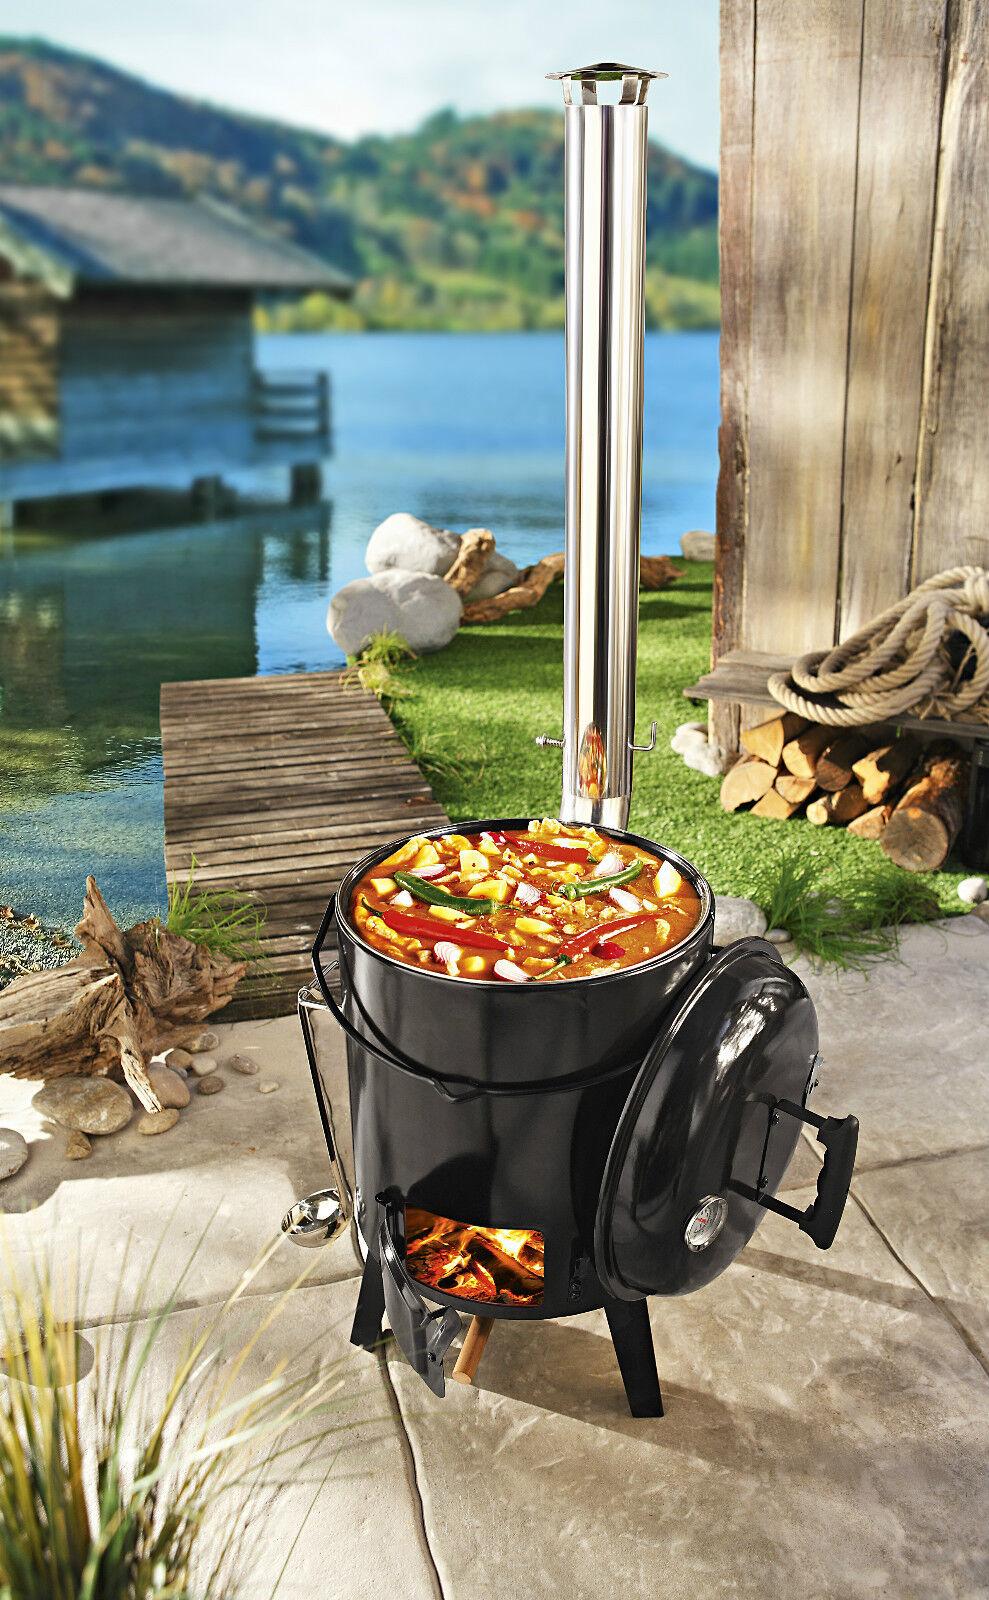 eintopfofen outdoor extra 4in1 grillen kochen r sten braten gl hweinofen eur 104 99. Black Bedroom Furniture Sets. Home Design Ideas